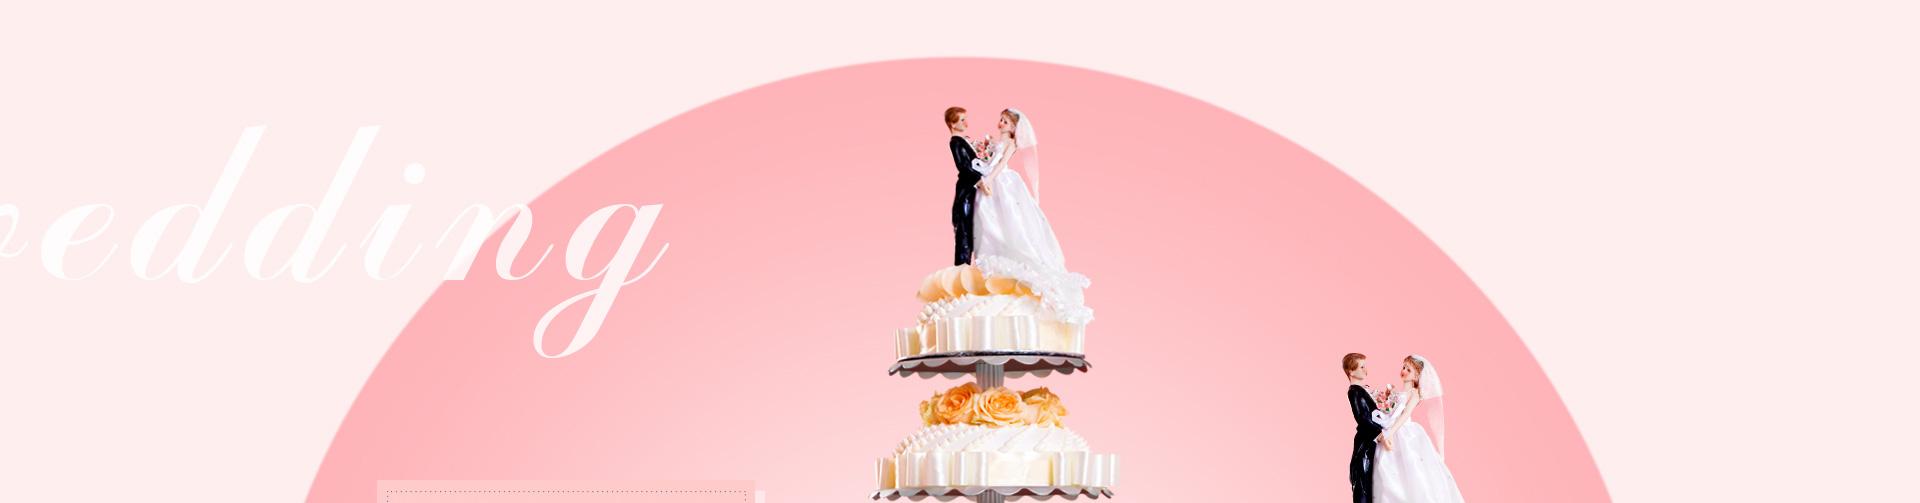 婚礼蛋糕定制 百年好合 ebeecake小蜜蜂蛋糕